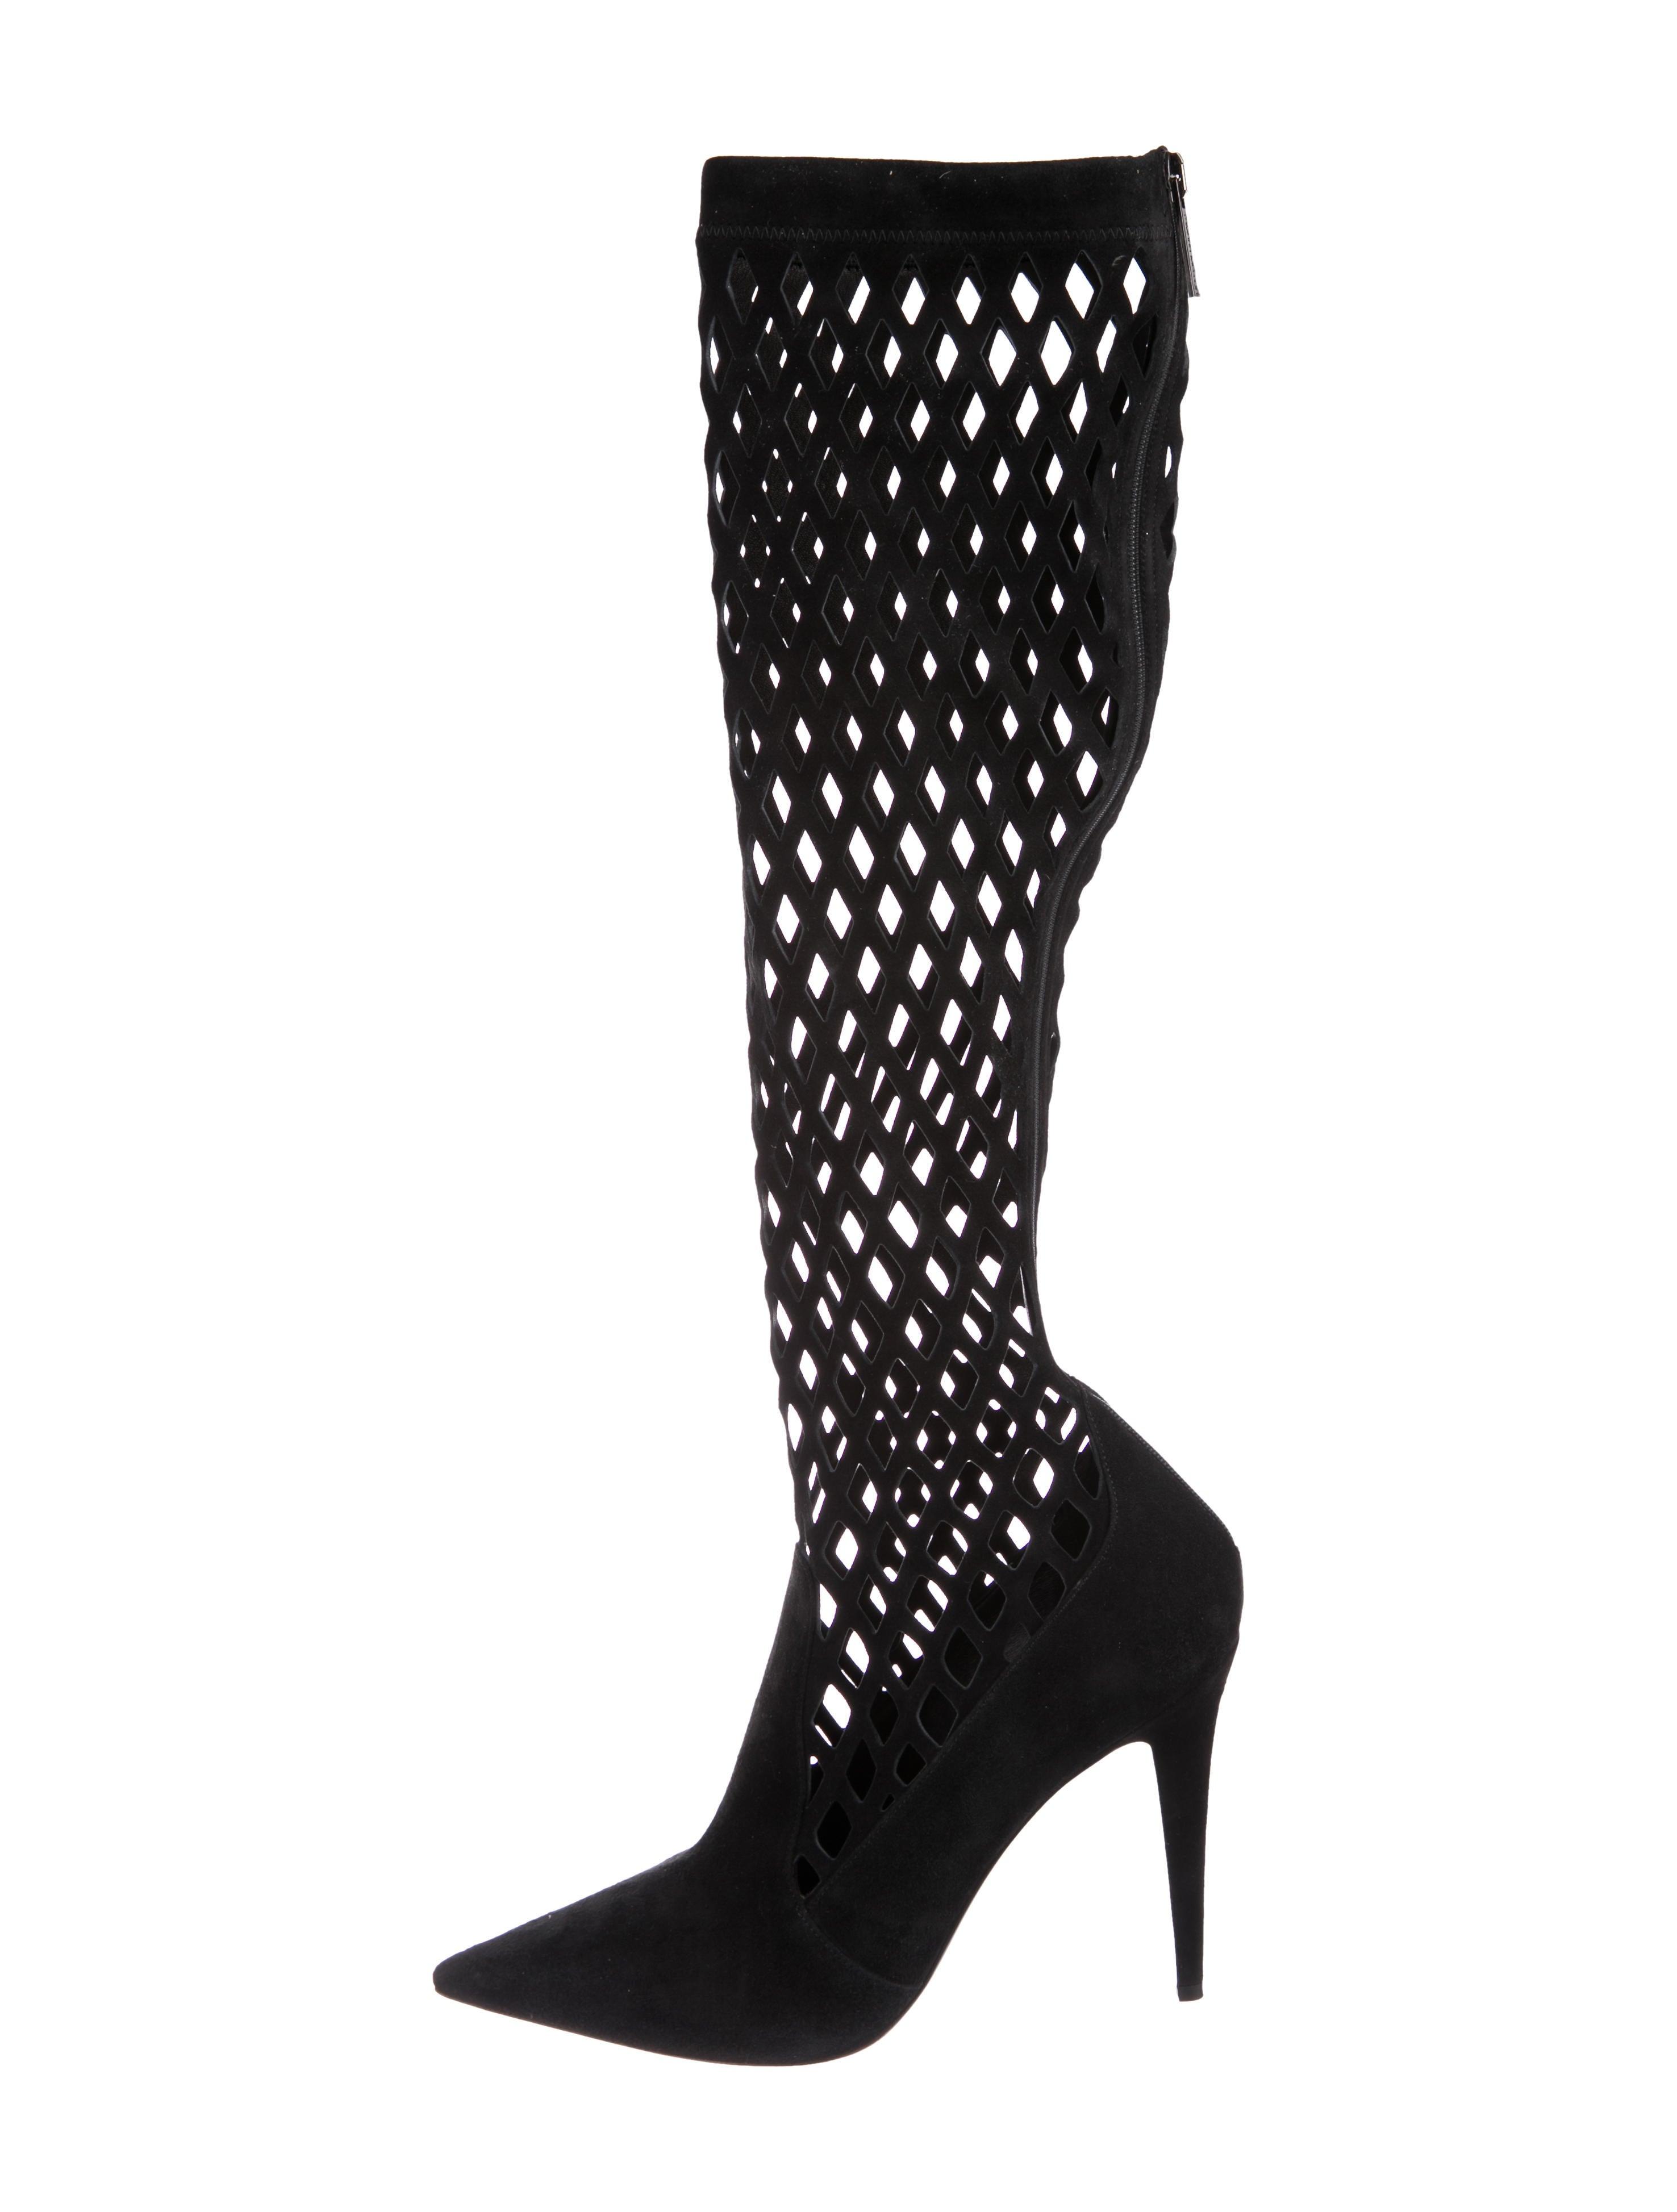 e6cefab24c2 Tamara Mellon Cutout Knee-High Boots - Shoes - WTQ21401 | The RealReal